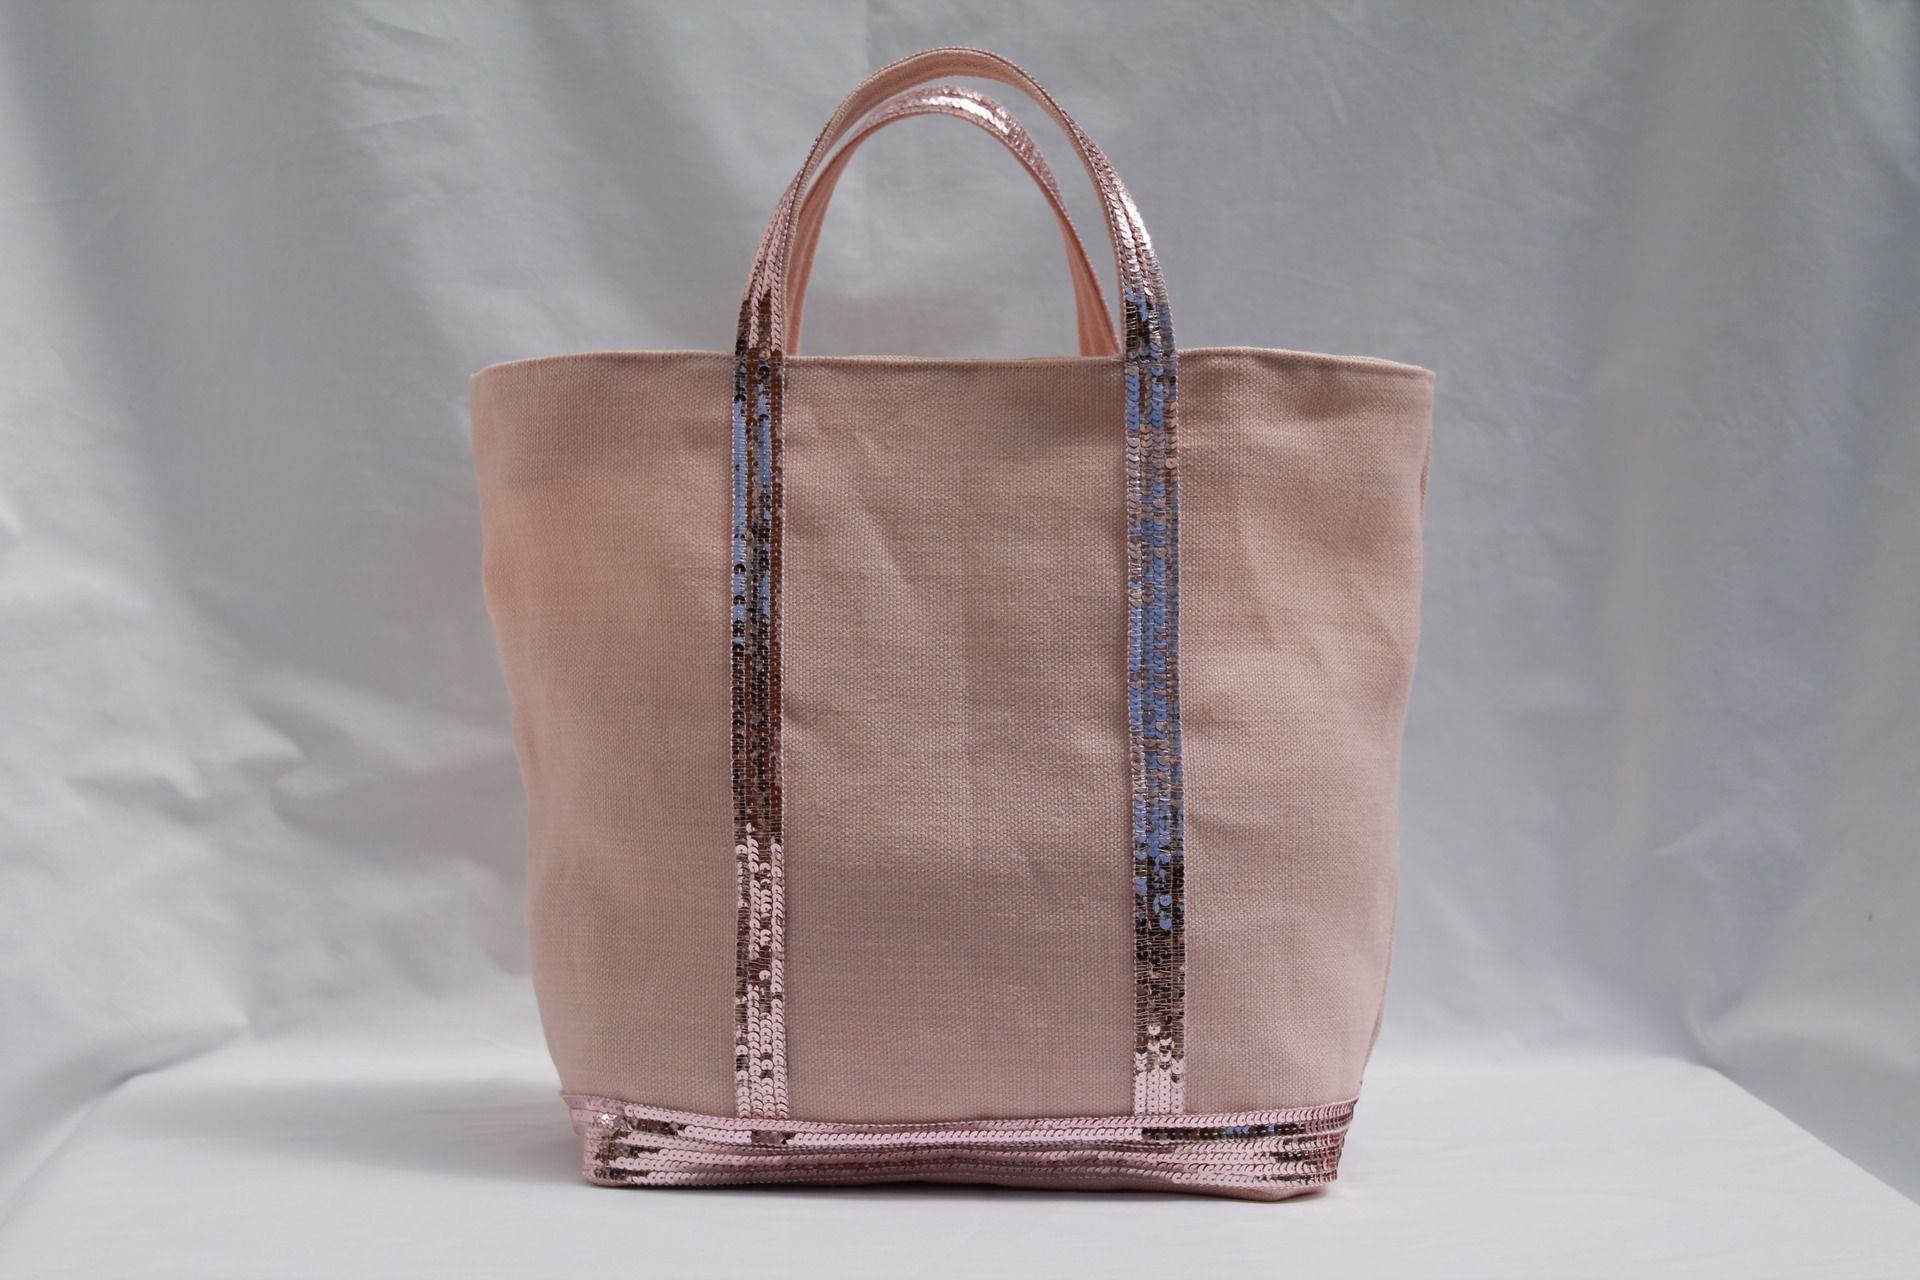 le cabas en 100 lin rose poudr avec des sequins rose pale inspiration vanessa bruno sacs. Black Bedroom Furniture Sets. Home Design Ideas